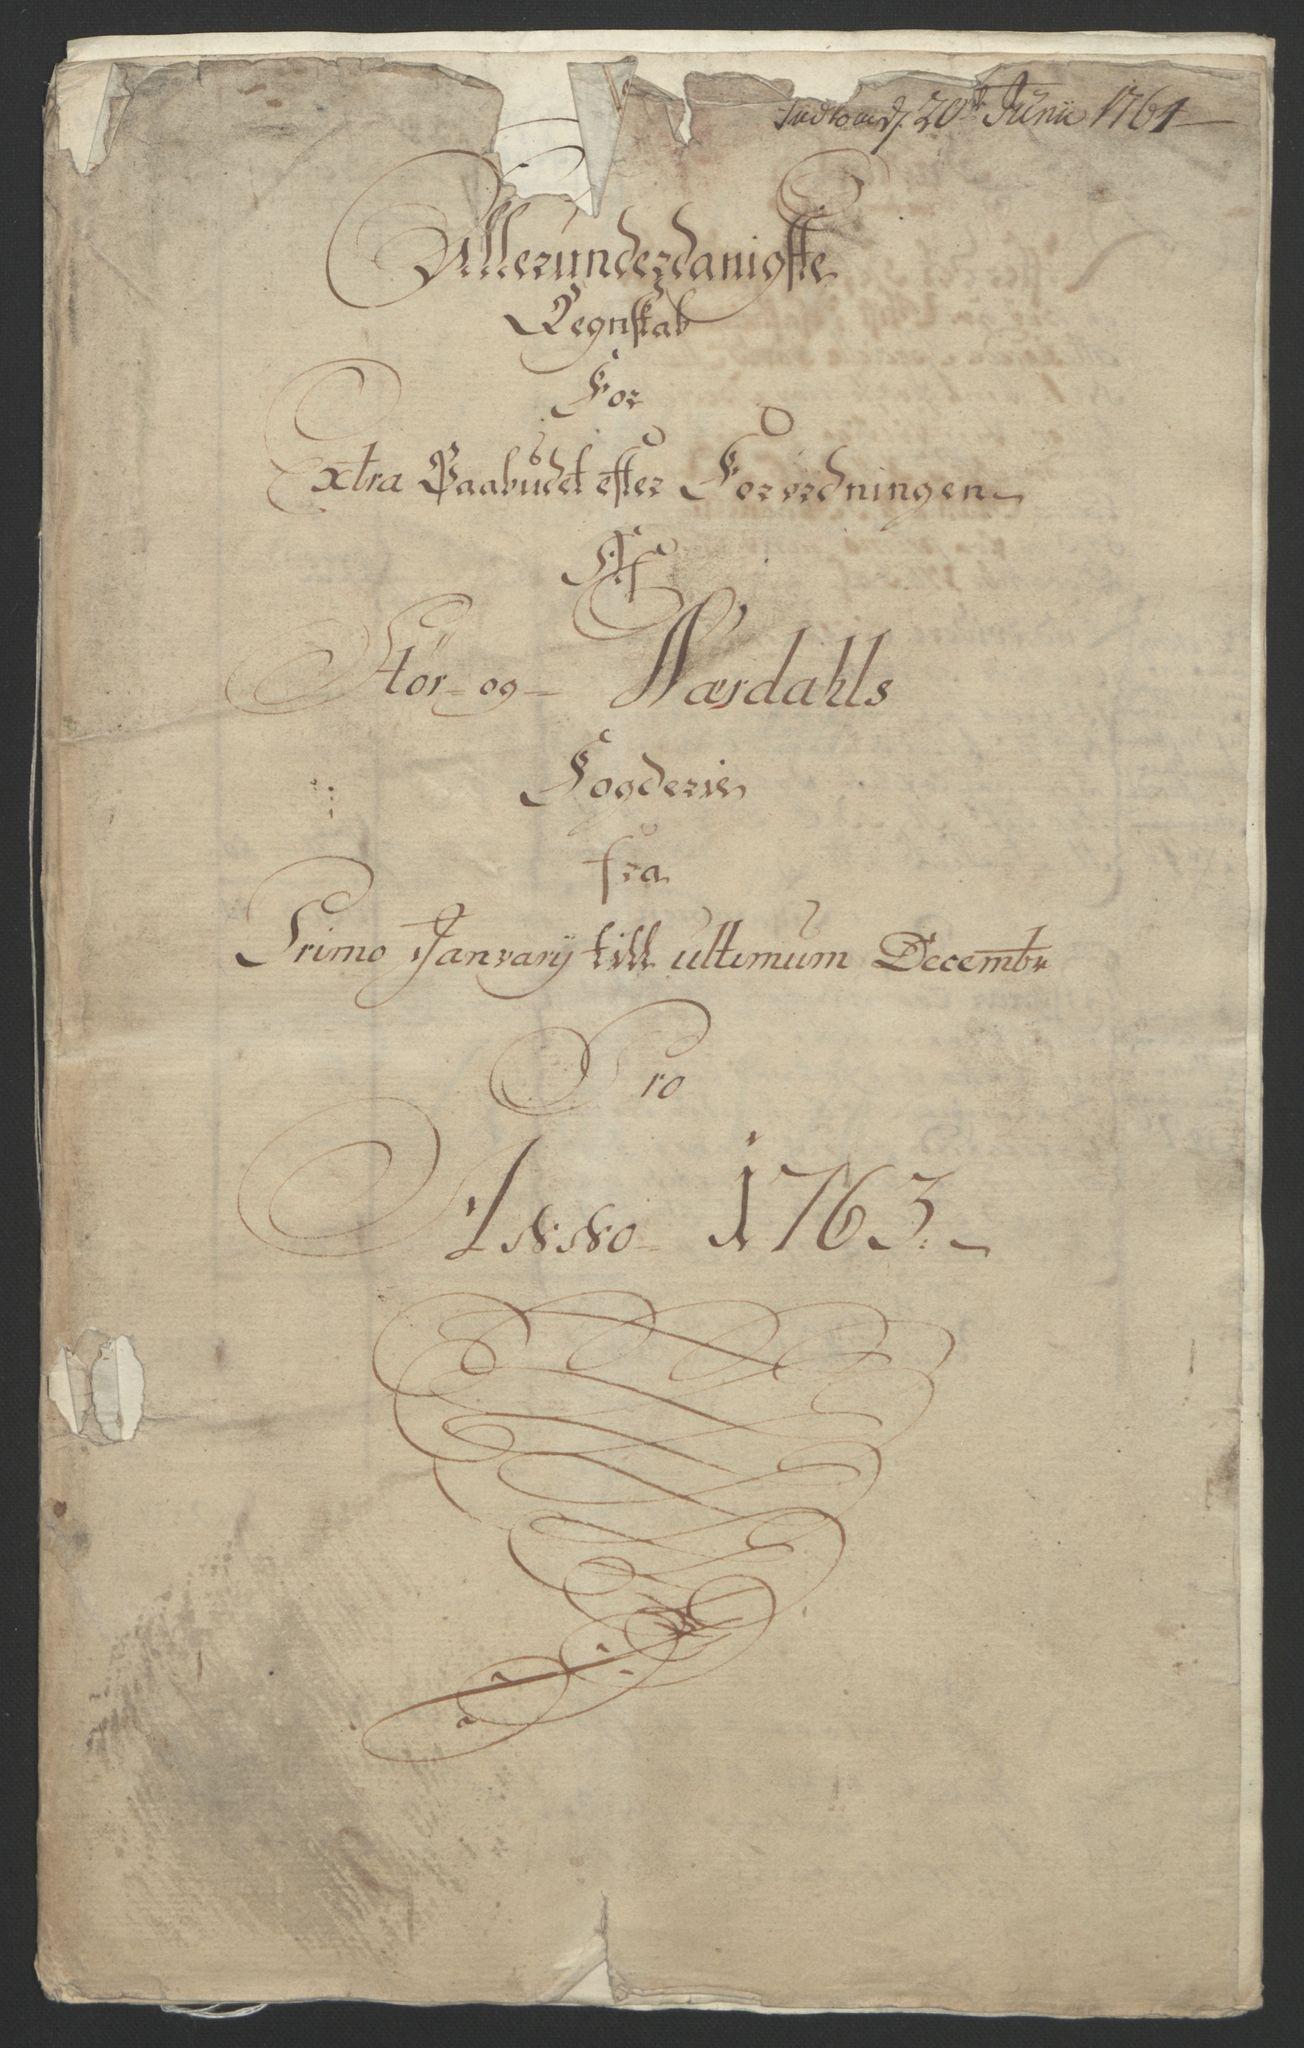 RA, Rentekammeret inntil 1814, Reviderte regnskaper, Fogderegnskap, R62/L4303: Ekstraskatten Stjørdal og Verdal, 1762-1763, s. 47